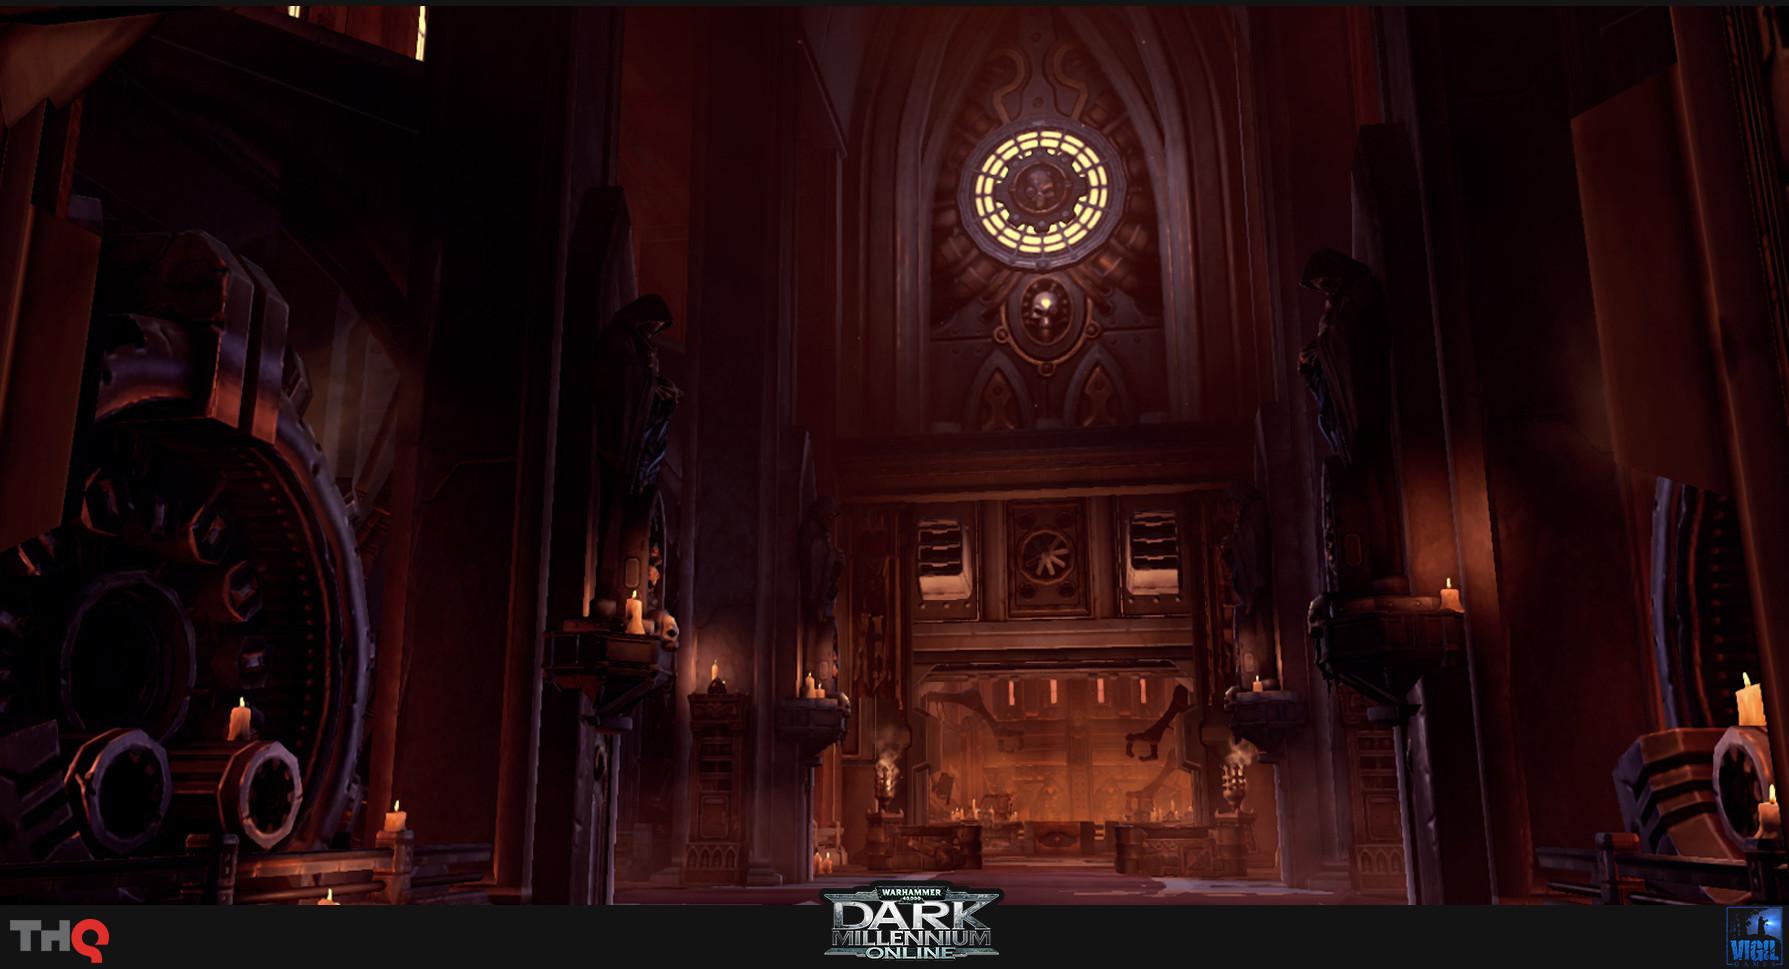 ArtStation - Warhammer 40K Dark Millennium Online, Peter Richmond